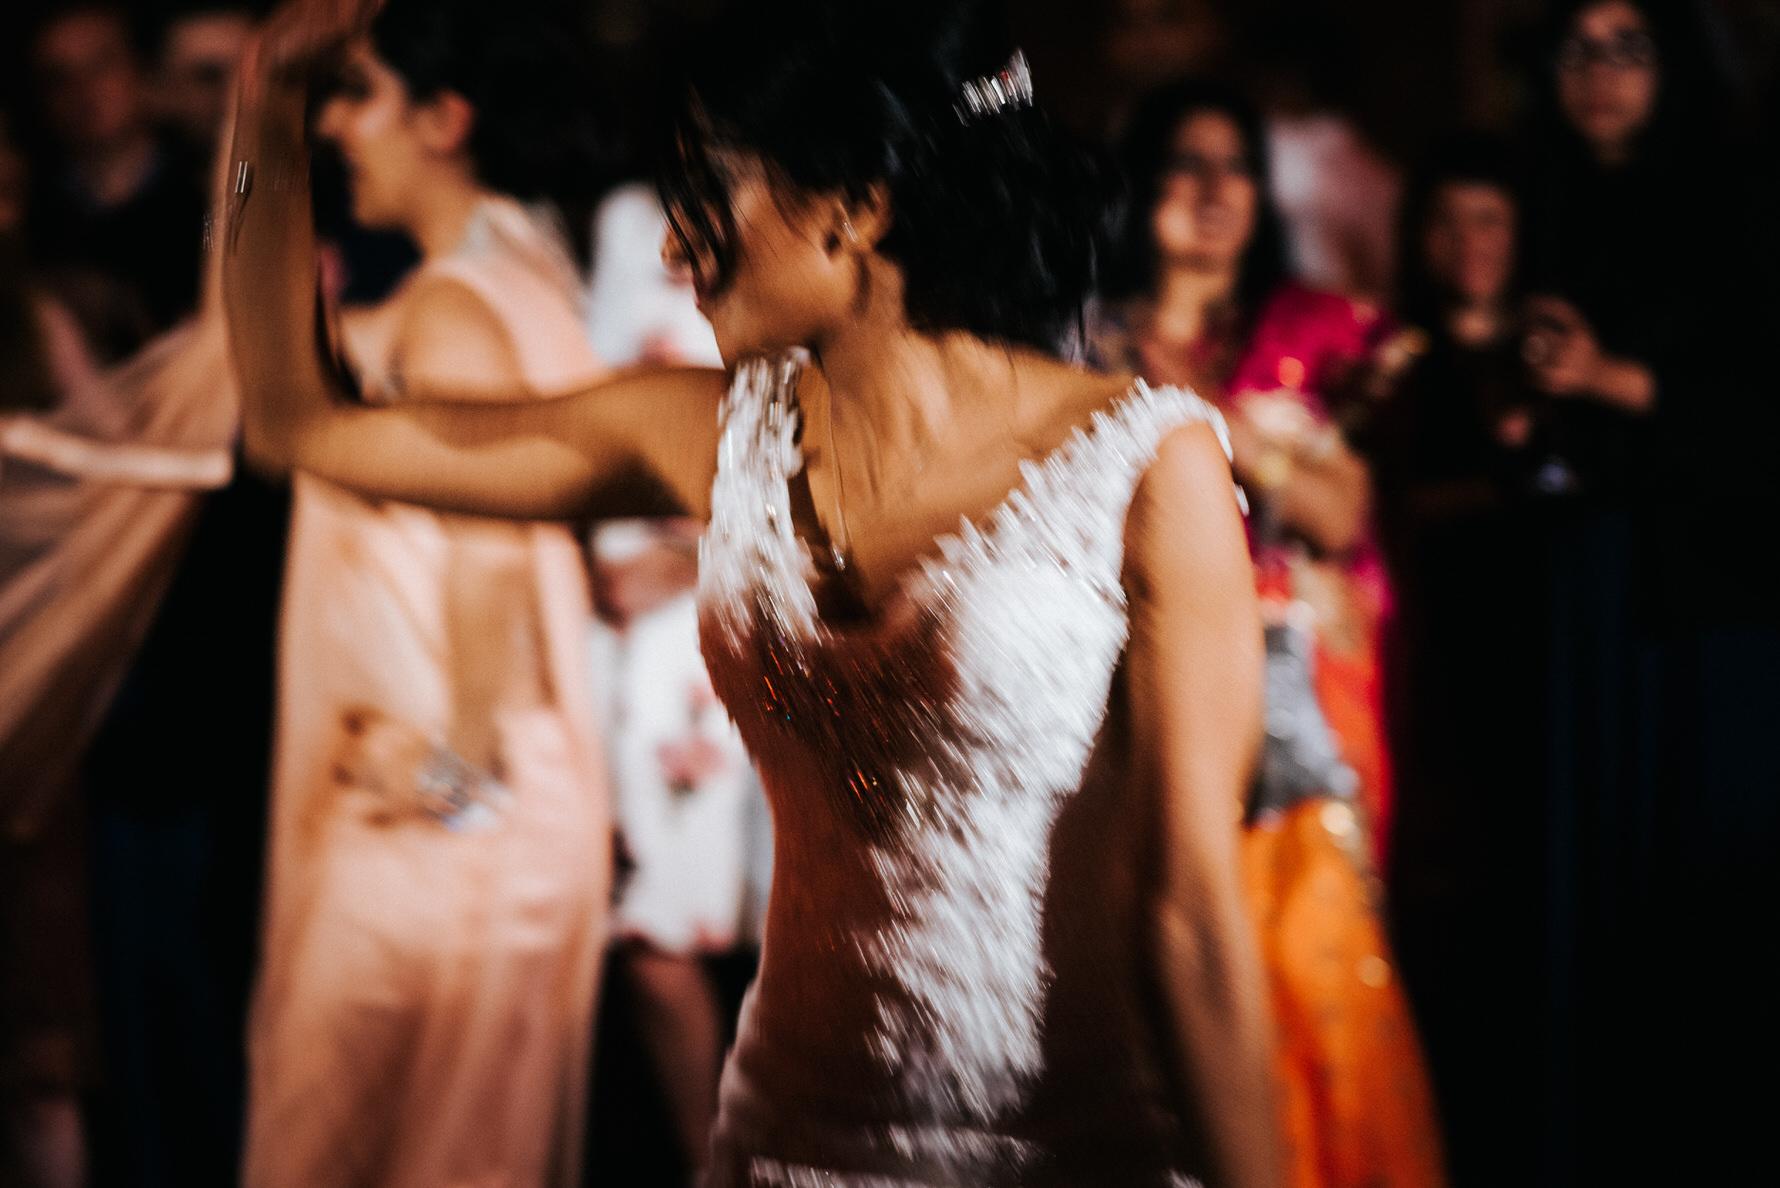 wedding-photojournalism-bride-on-dancefloor